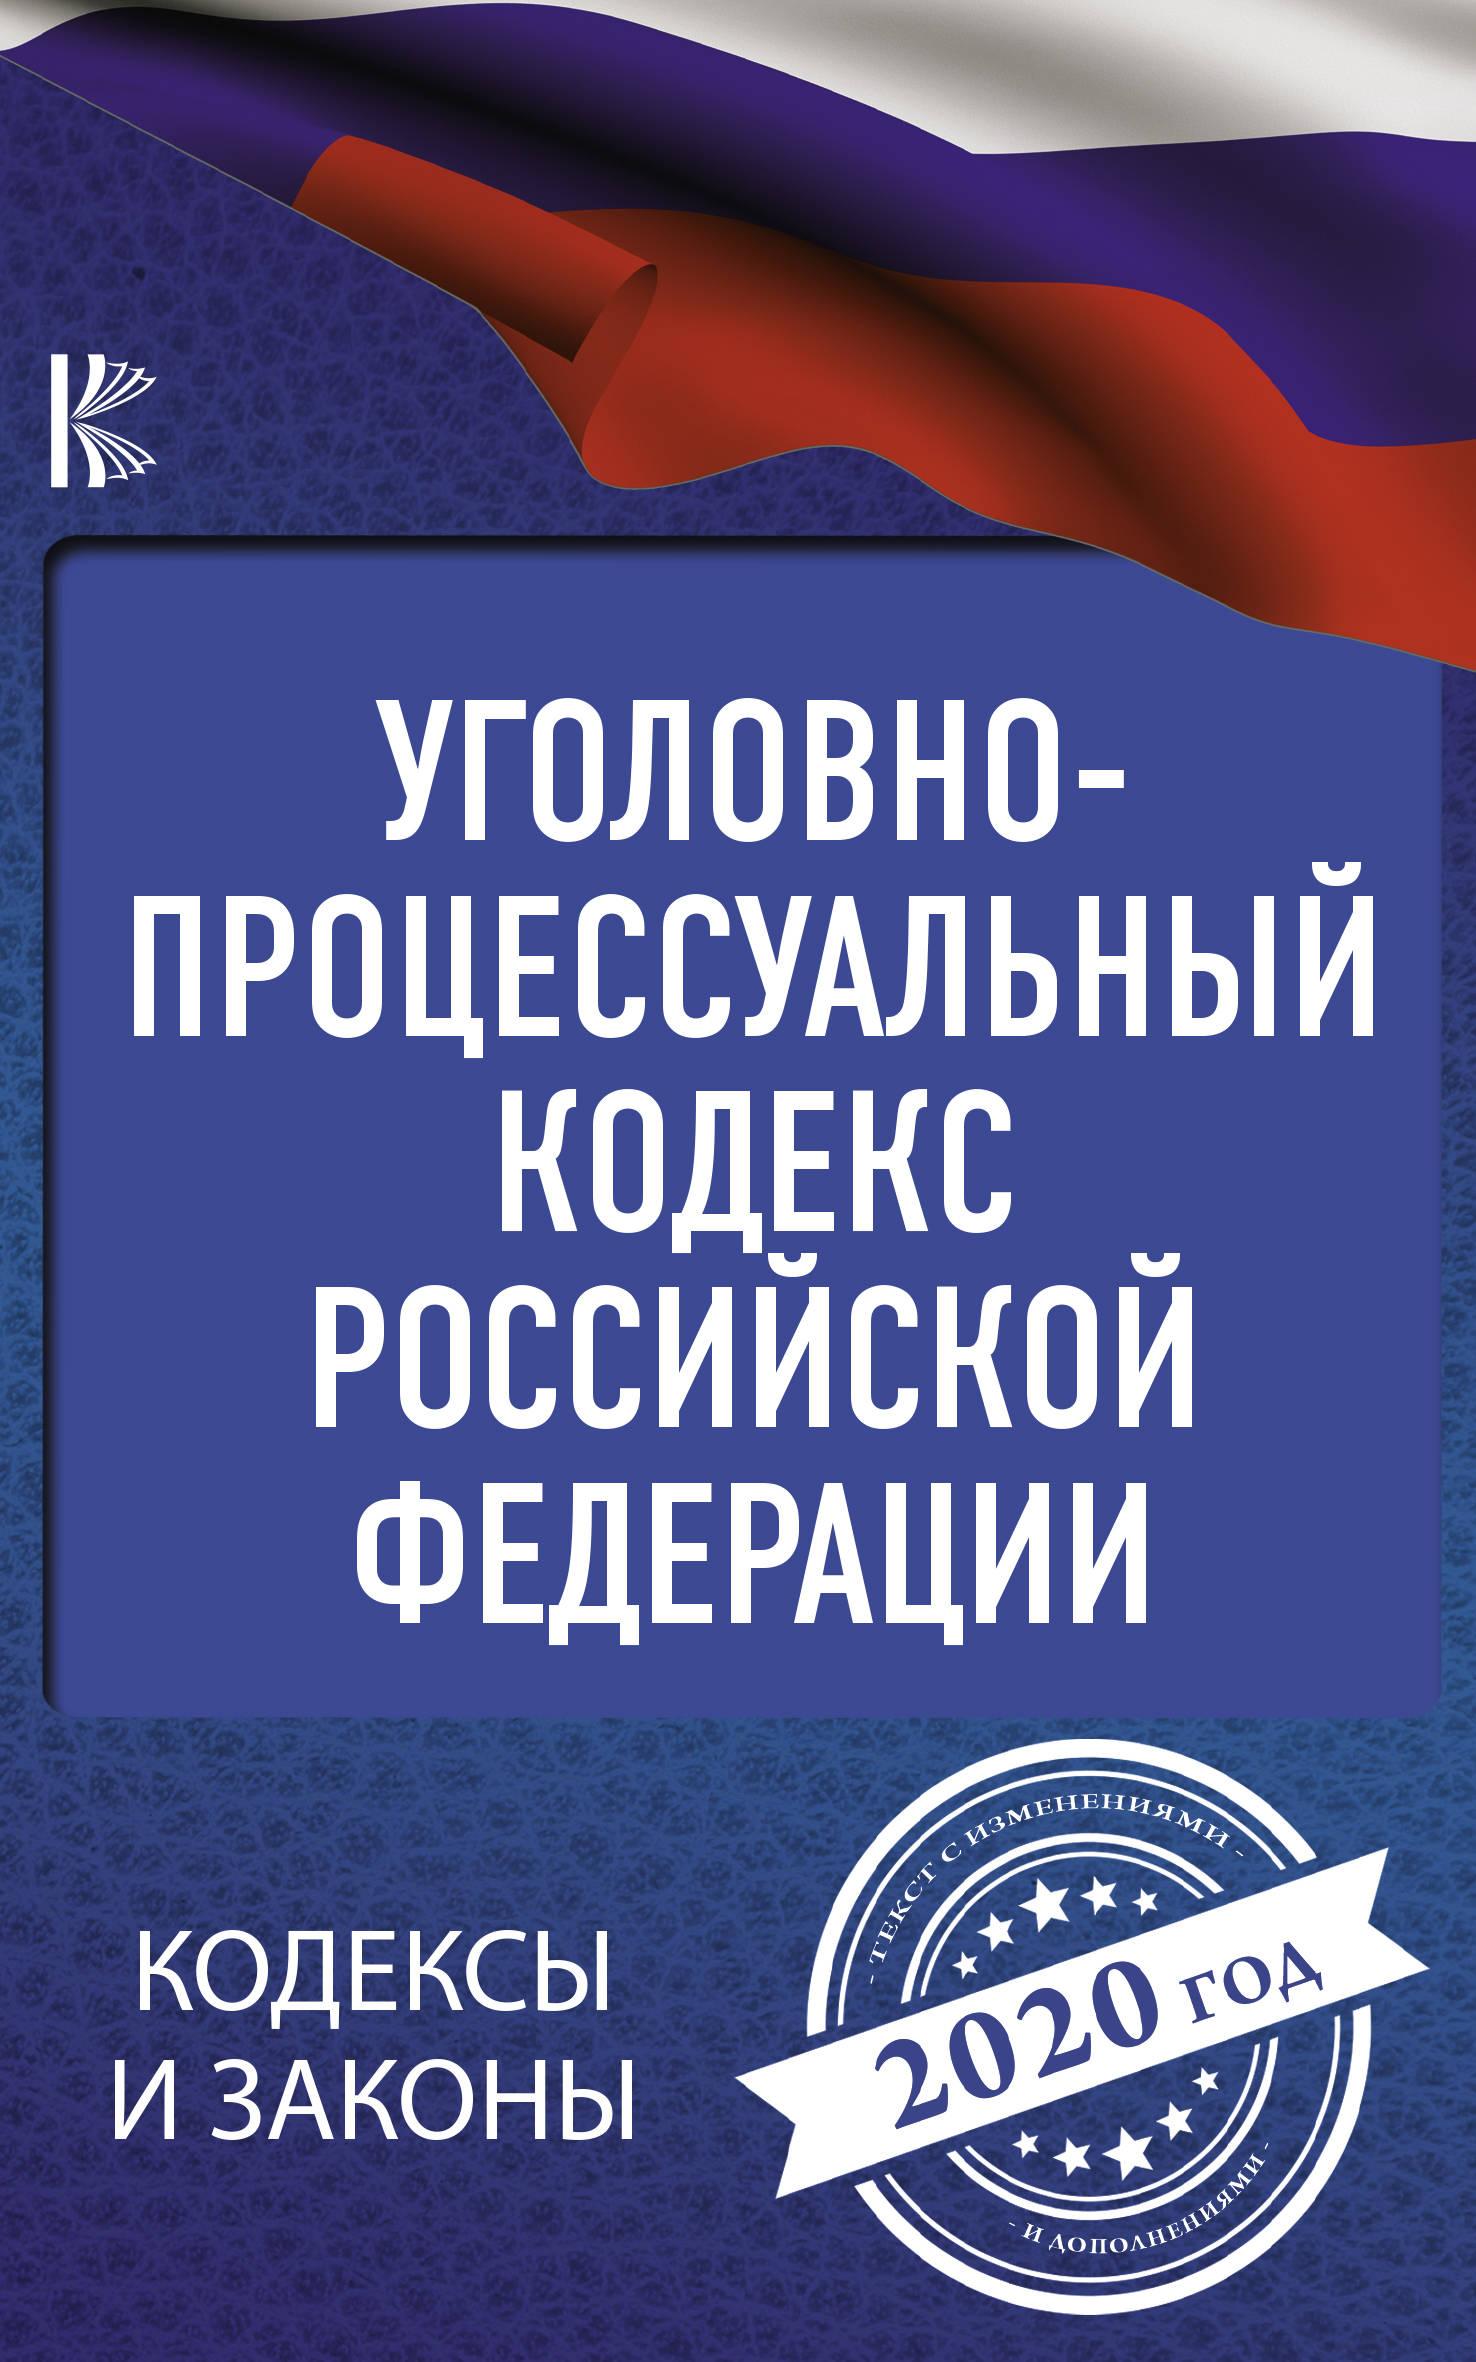 Ugolovno-protsessualnyj kodeks Rossijskoj Federatsii na 2020 god